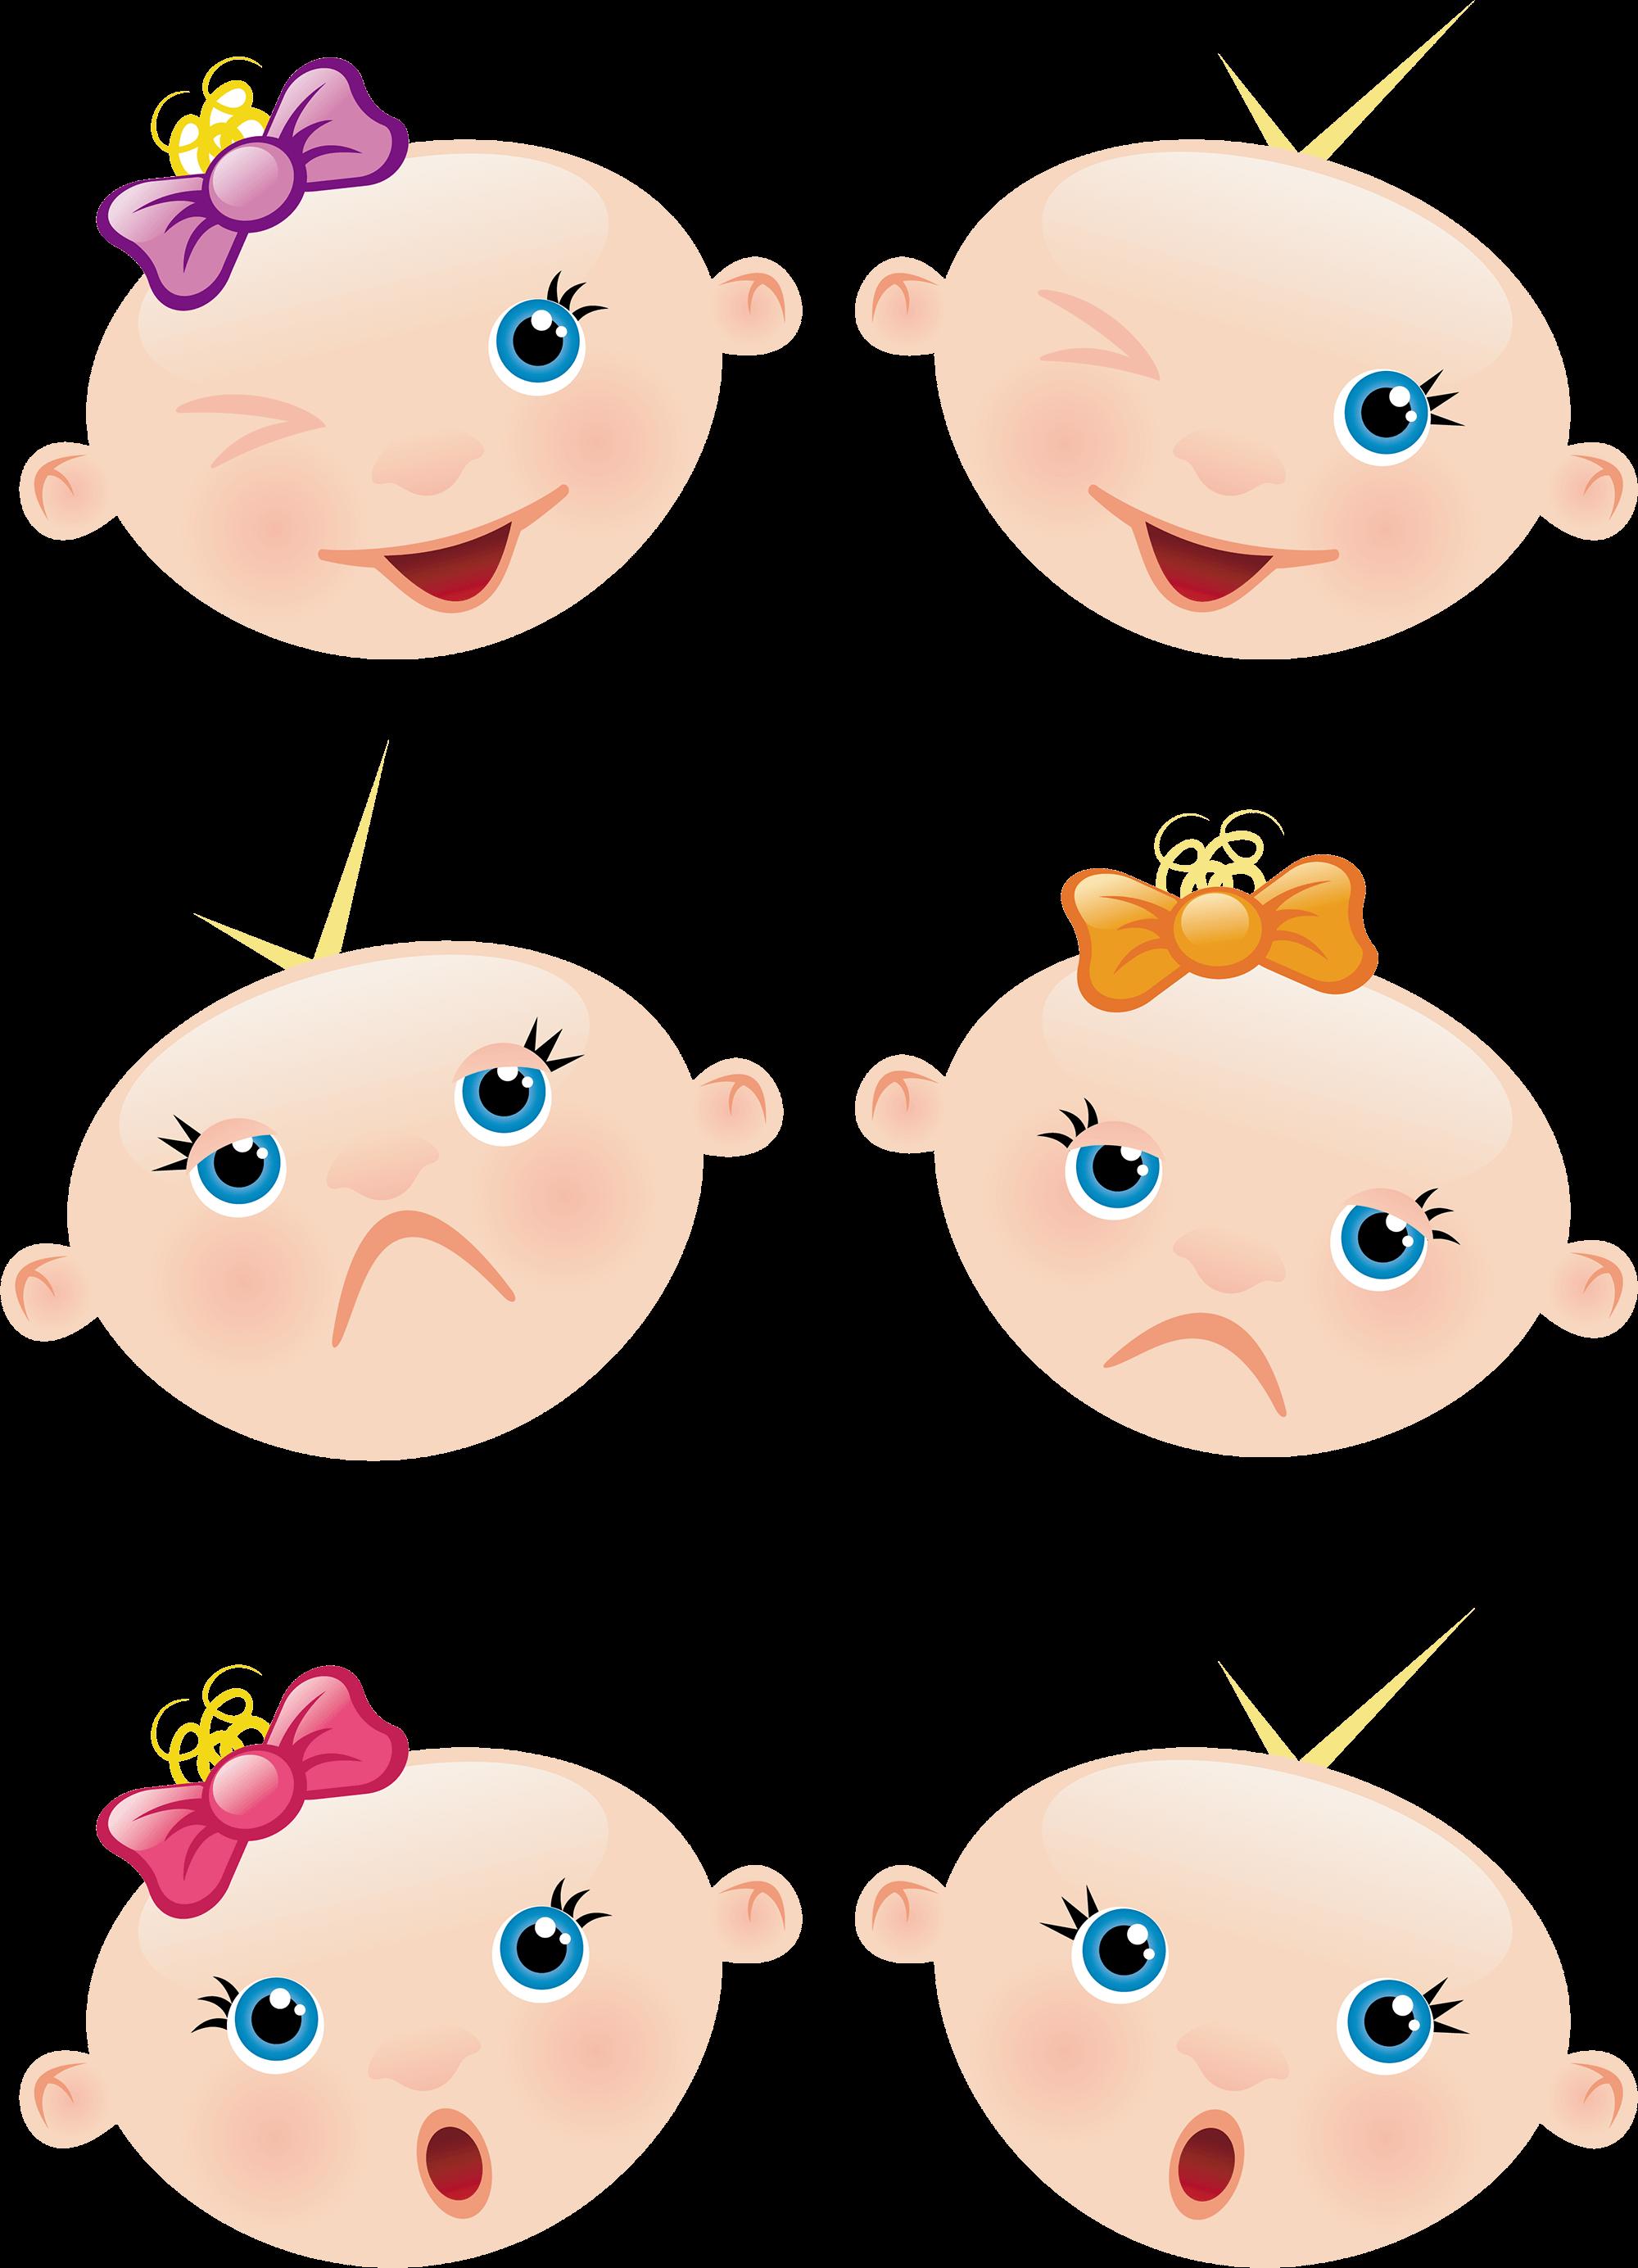 Детская мордашка картинки нарисованные